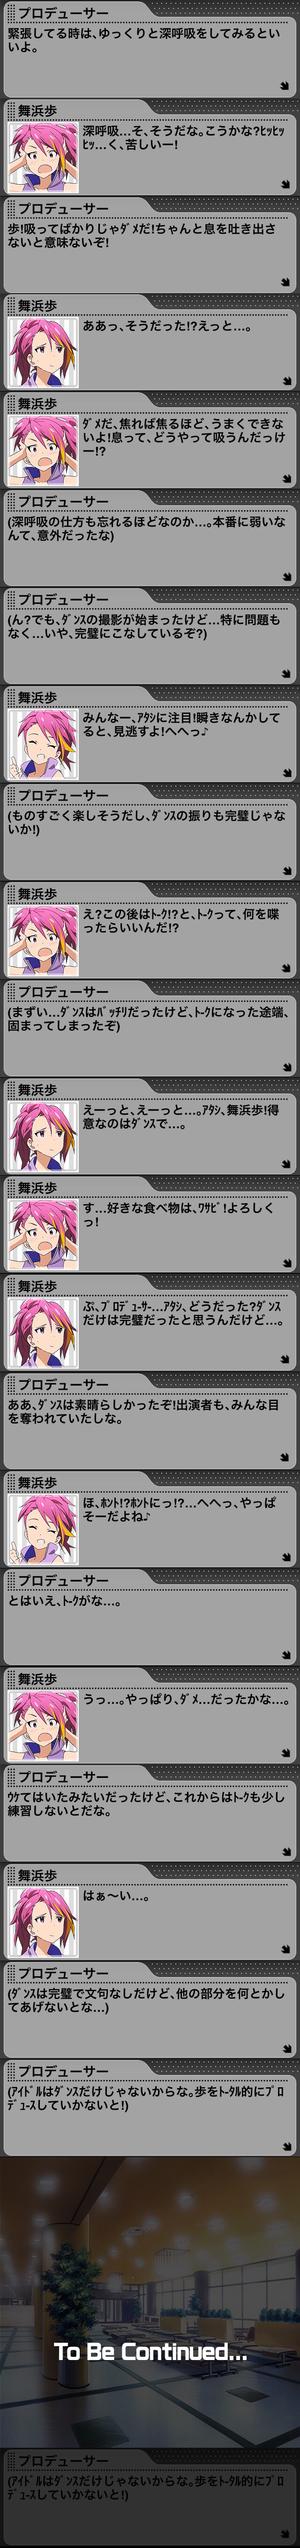 舞浜歩アイドルストーリーLv3_4